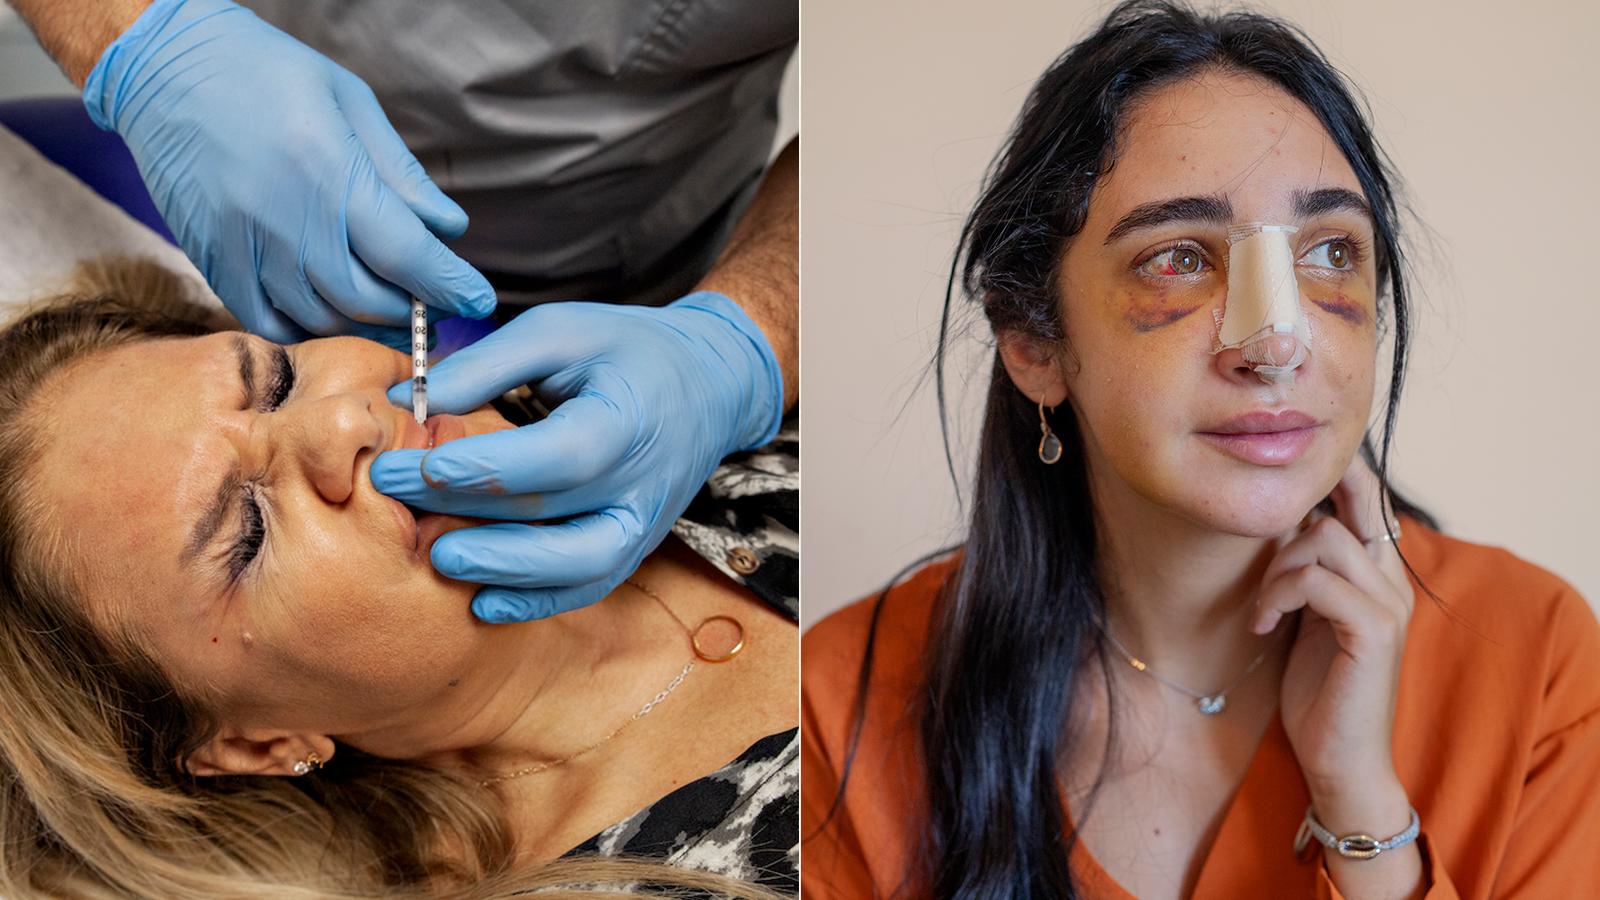 Mutilarea genitală la femei - Wikipedia